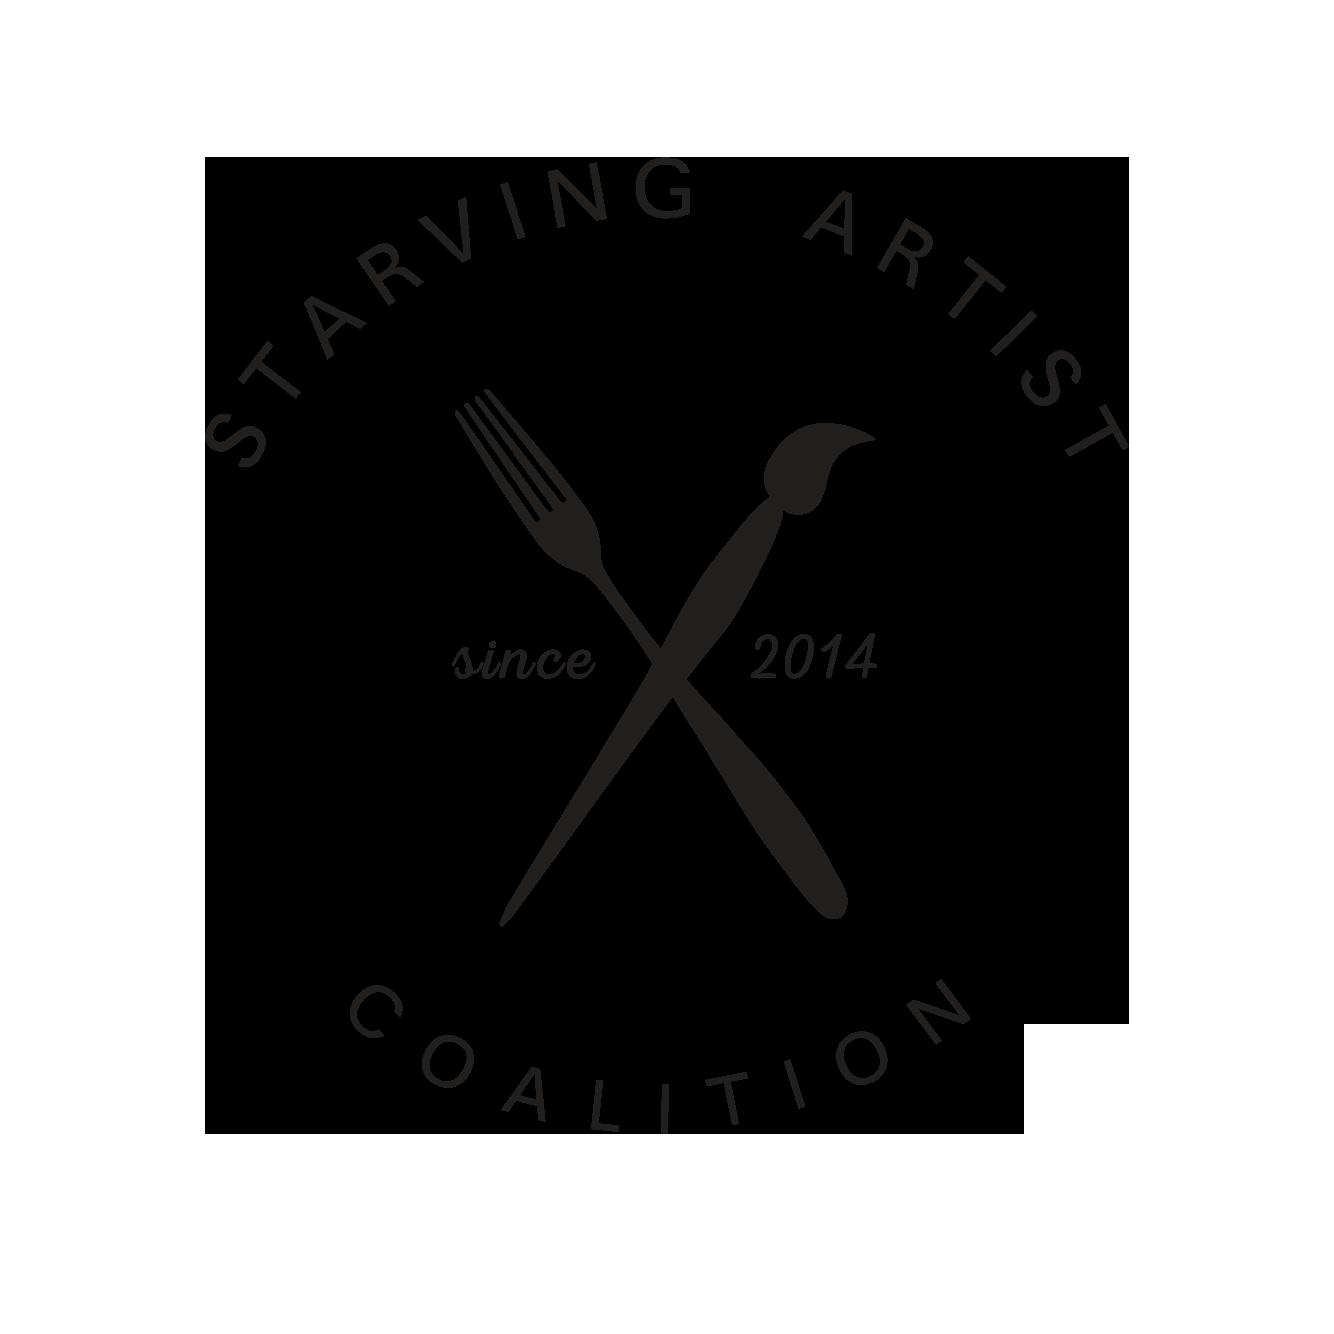 starving-artist-coalition-logo